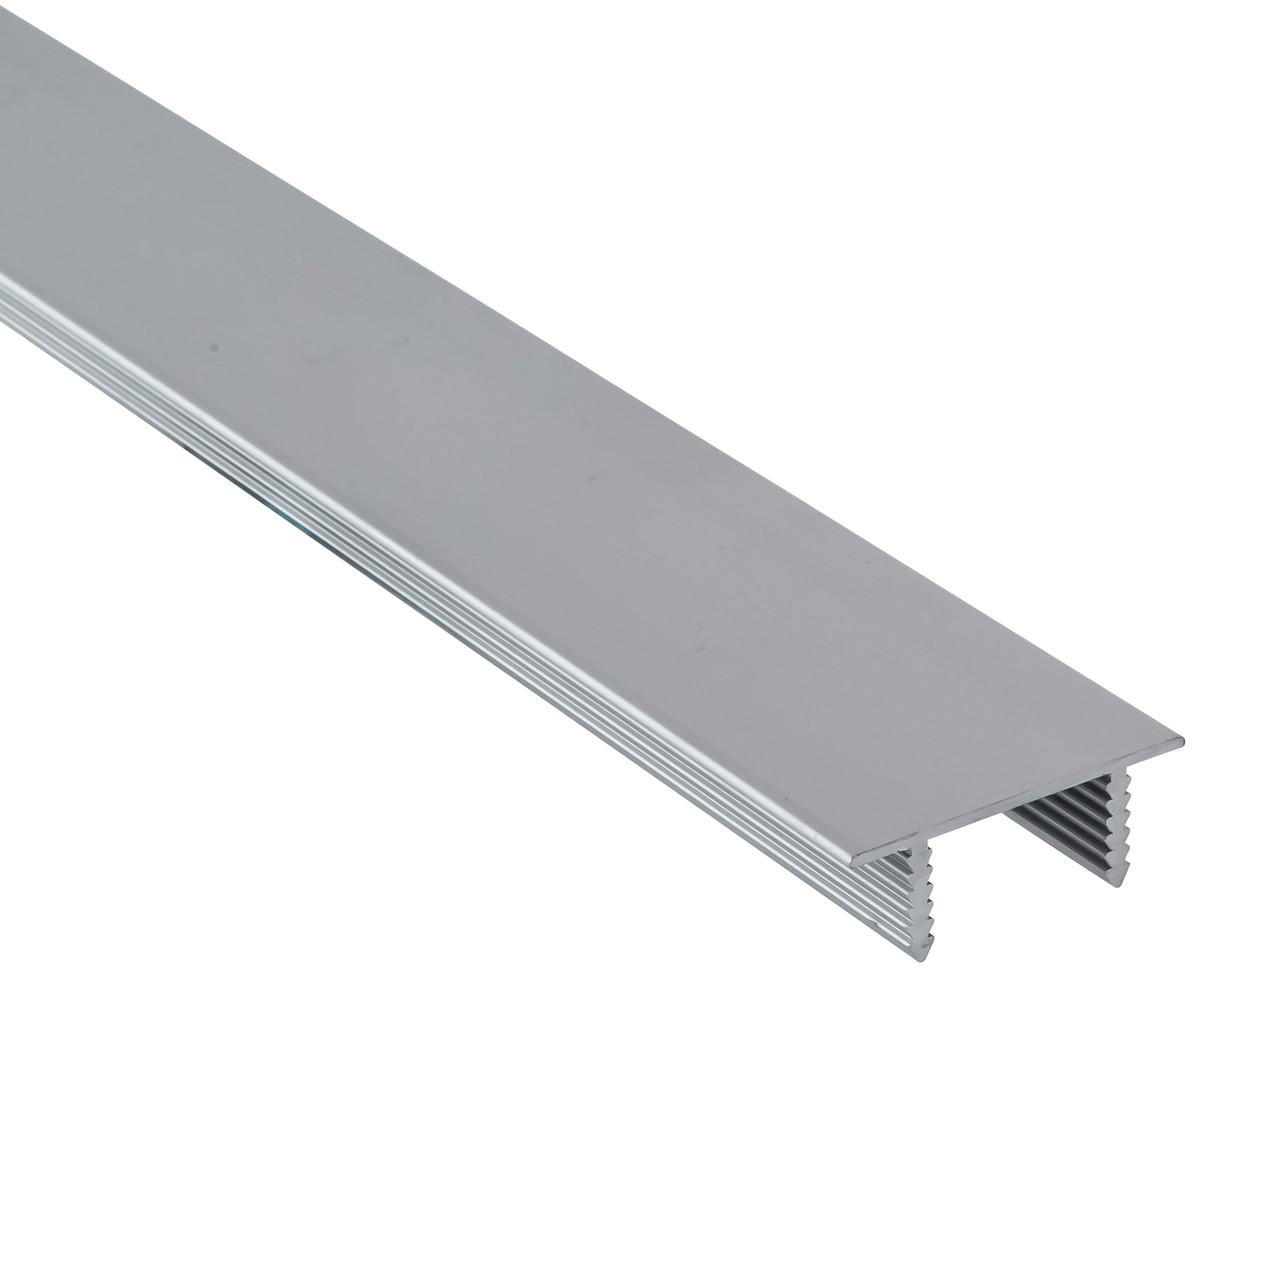 Профиль дверной коробки для скрытых дверей BLD-4004-10 - 3 м